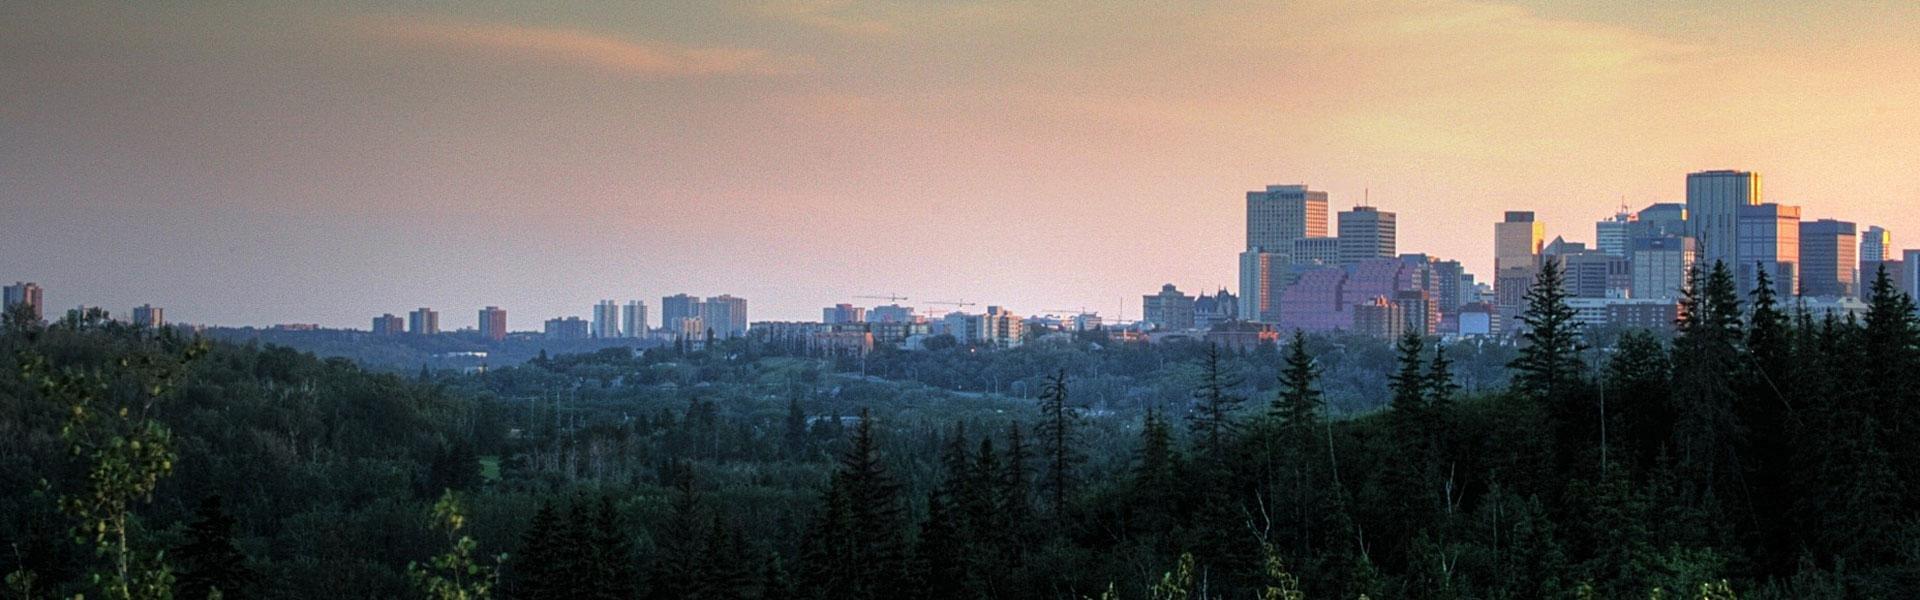 Maak een camperreis door Oost Canada met Victoria CamperHolidays